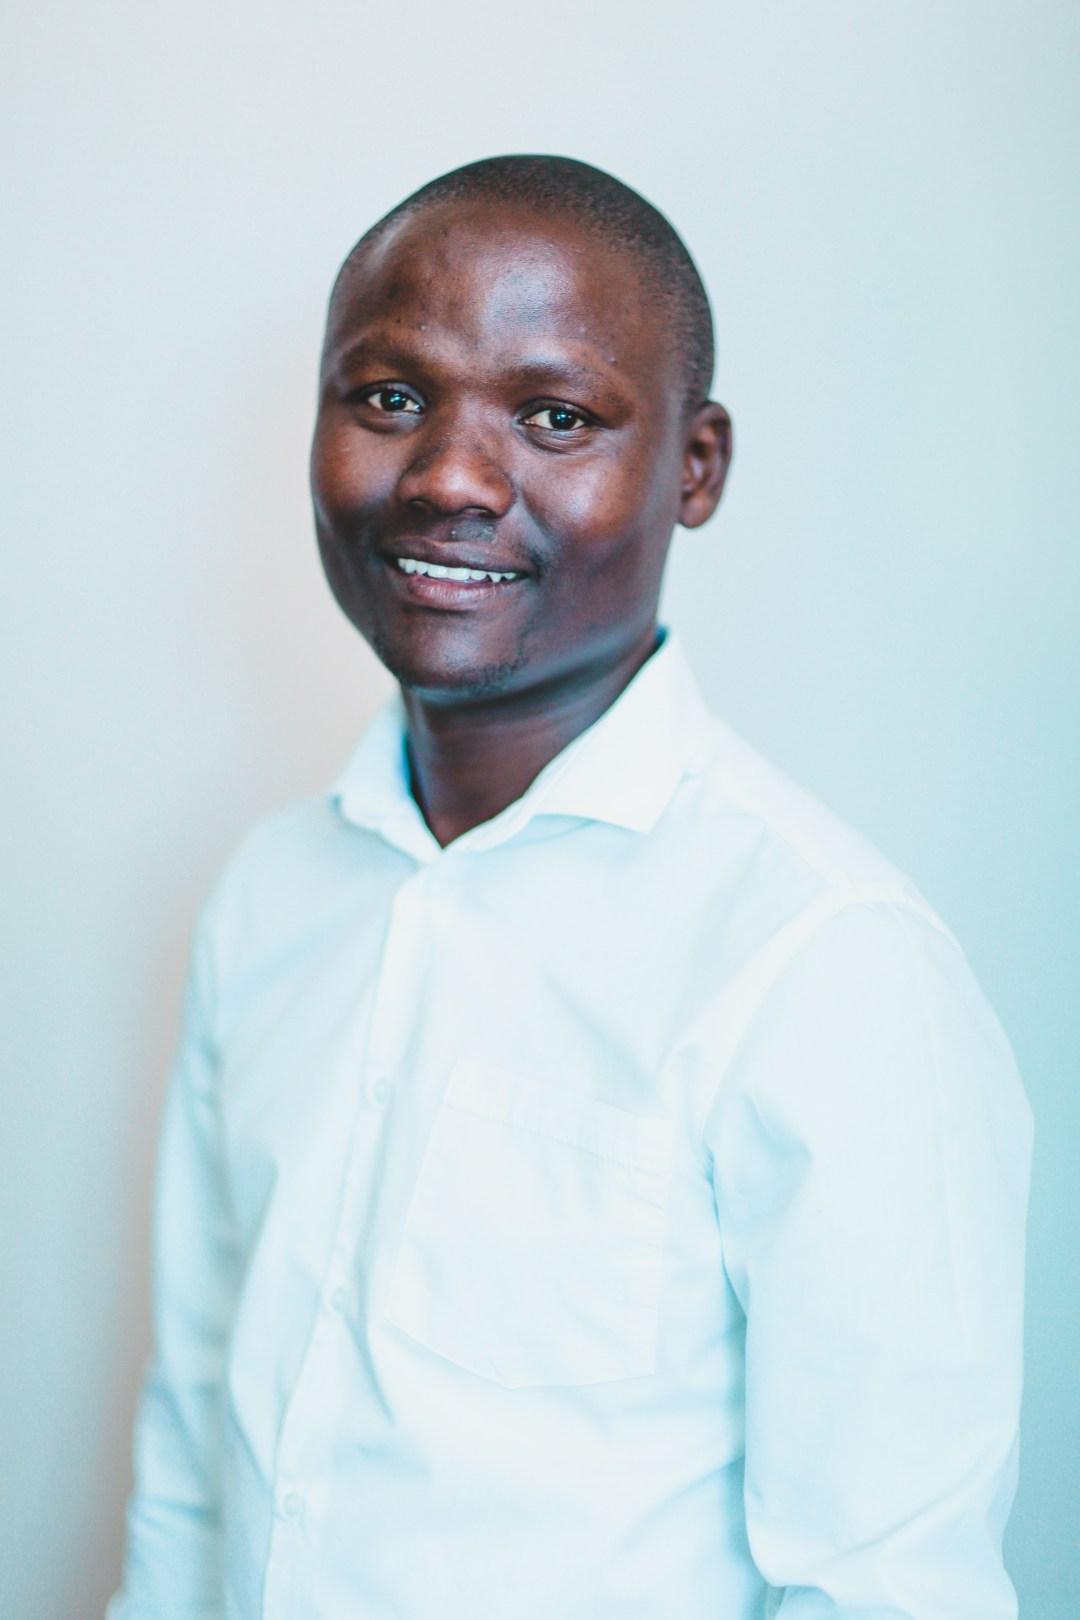 July Ndaba